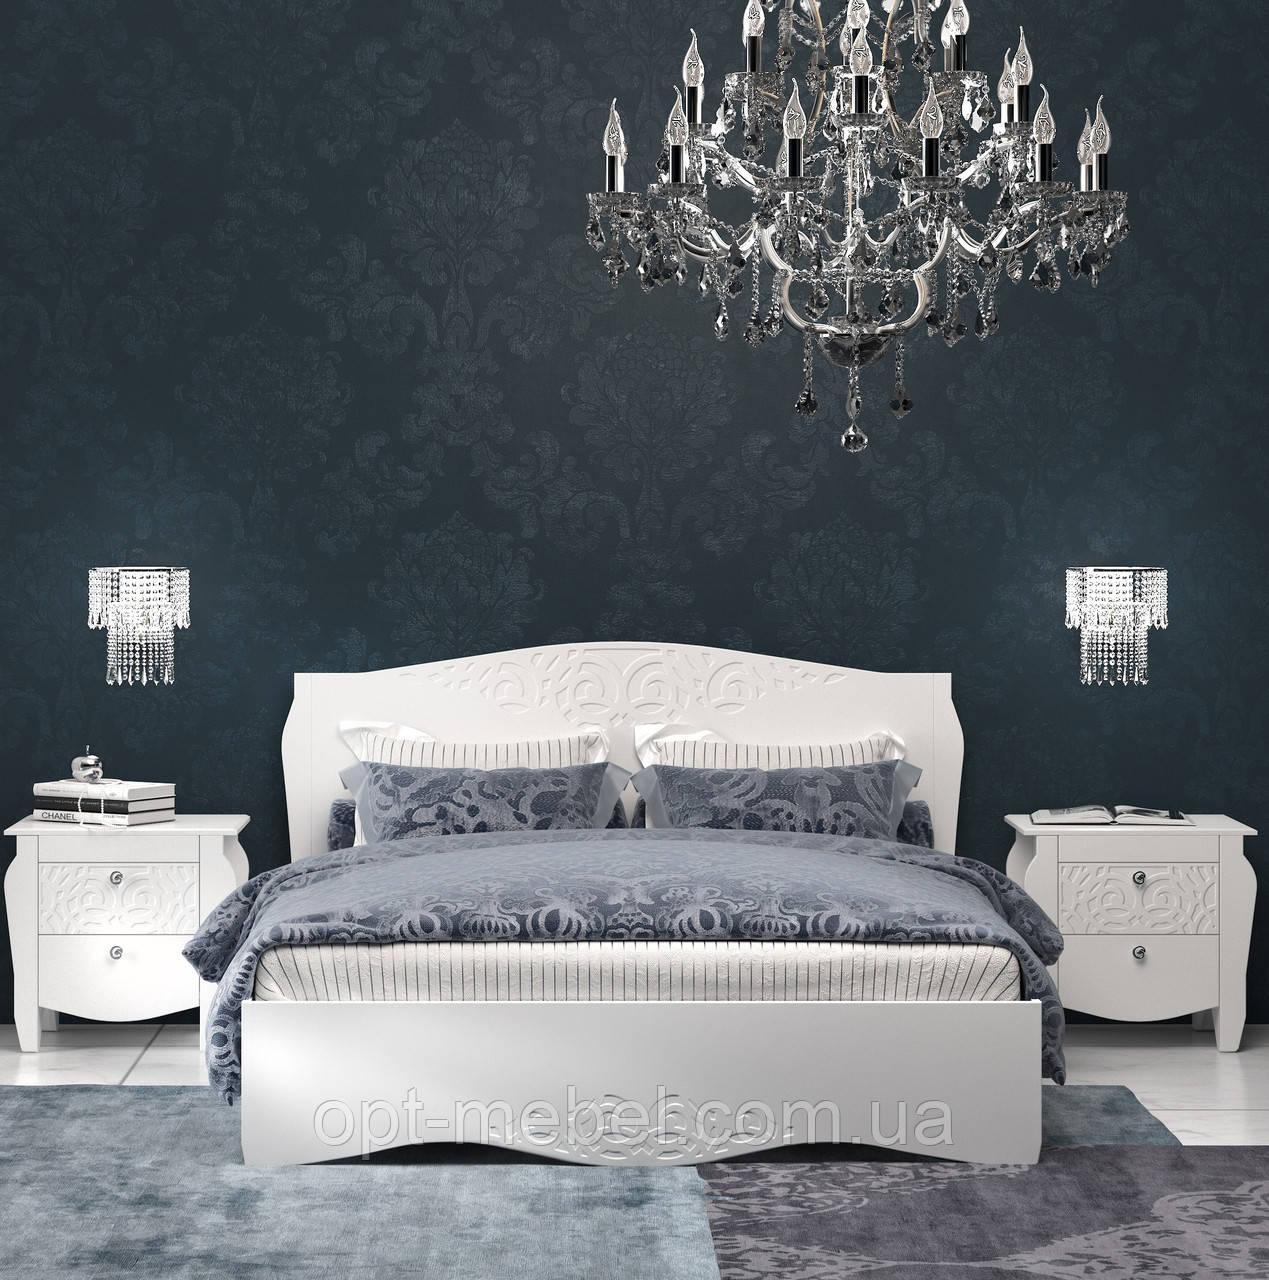 Кровать Гефест 1800 с ламелями на ножках